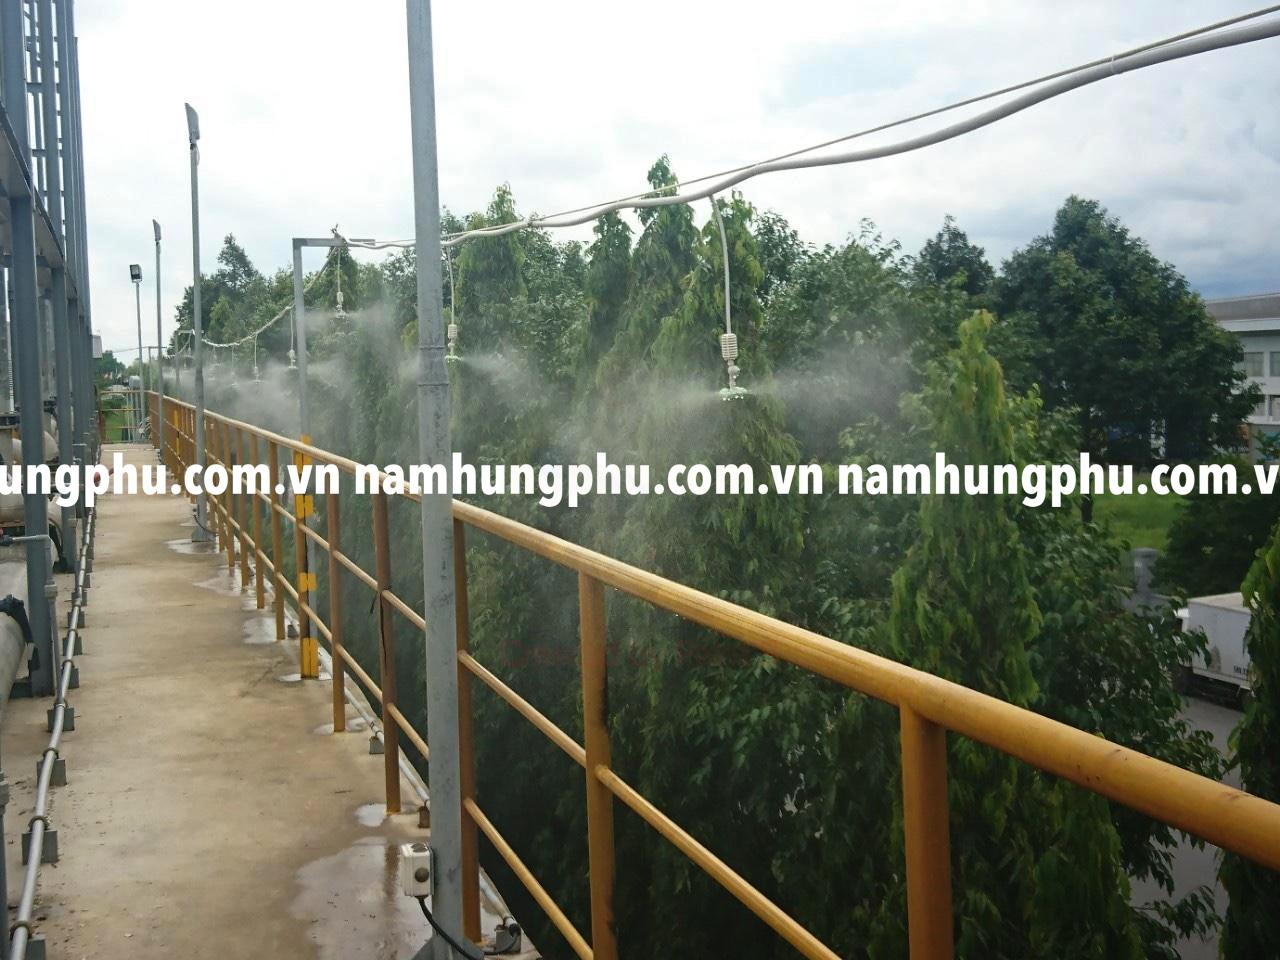 Chế phẩm khử mùi hôi nước thải AirSolution9312 (ECOLO)